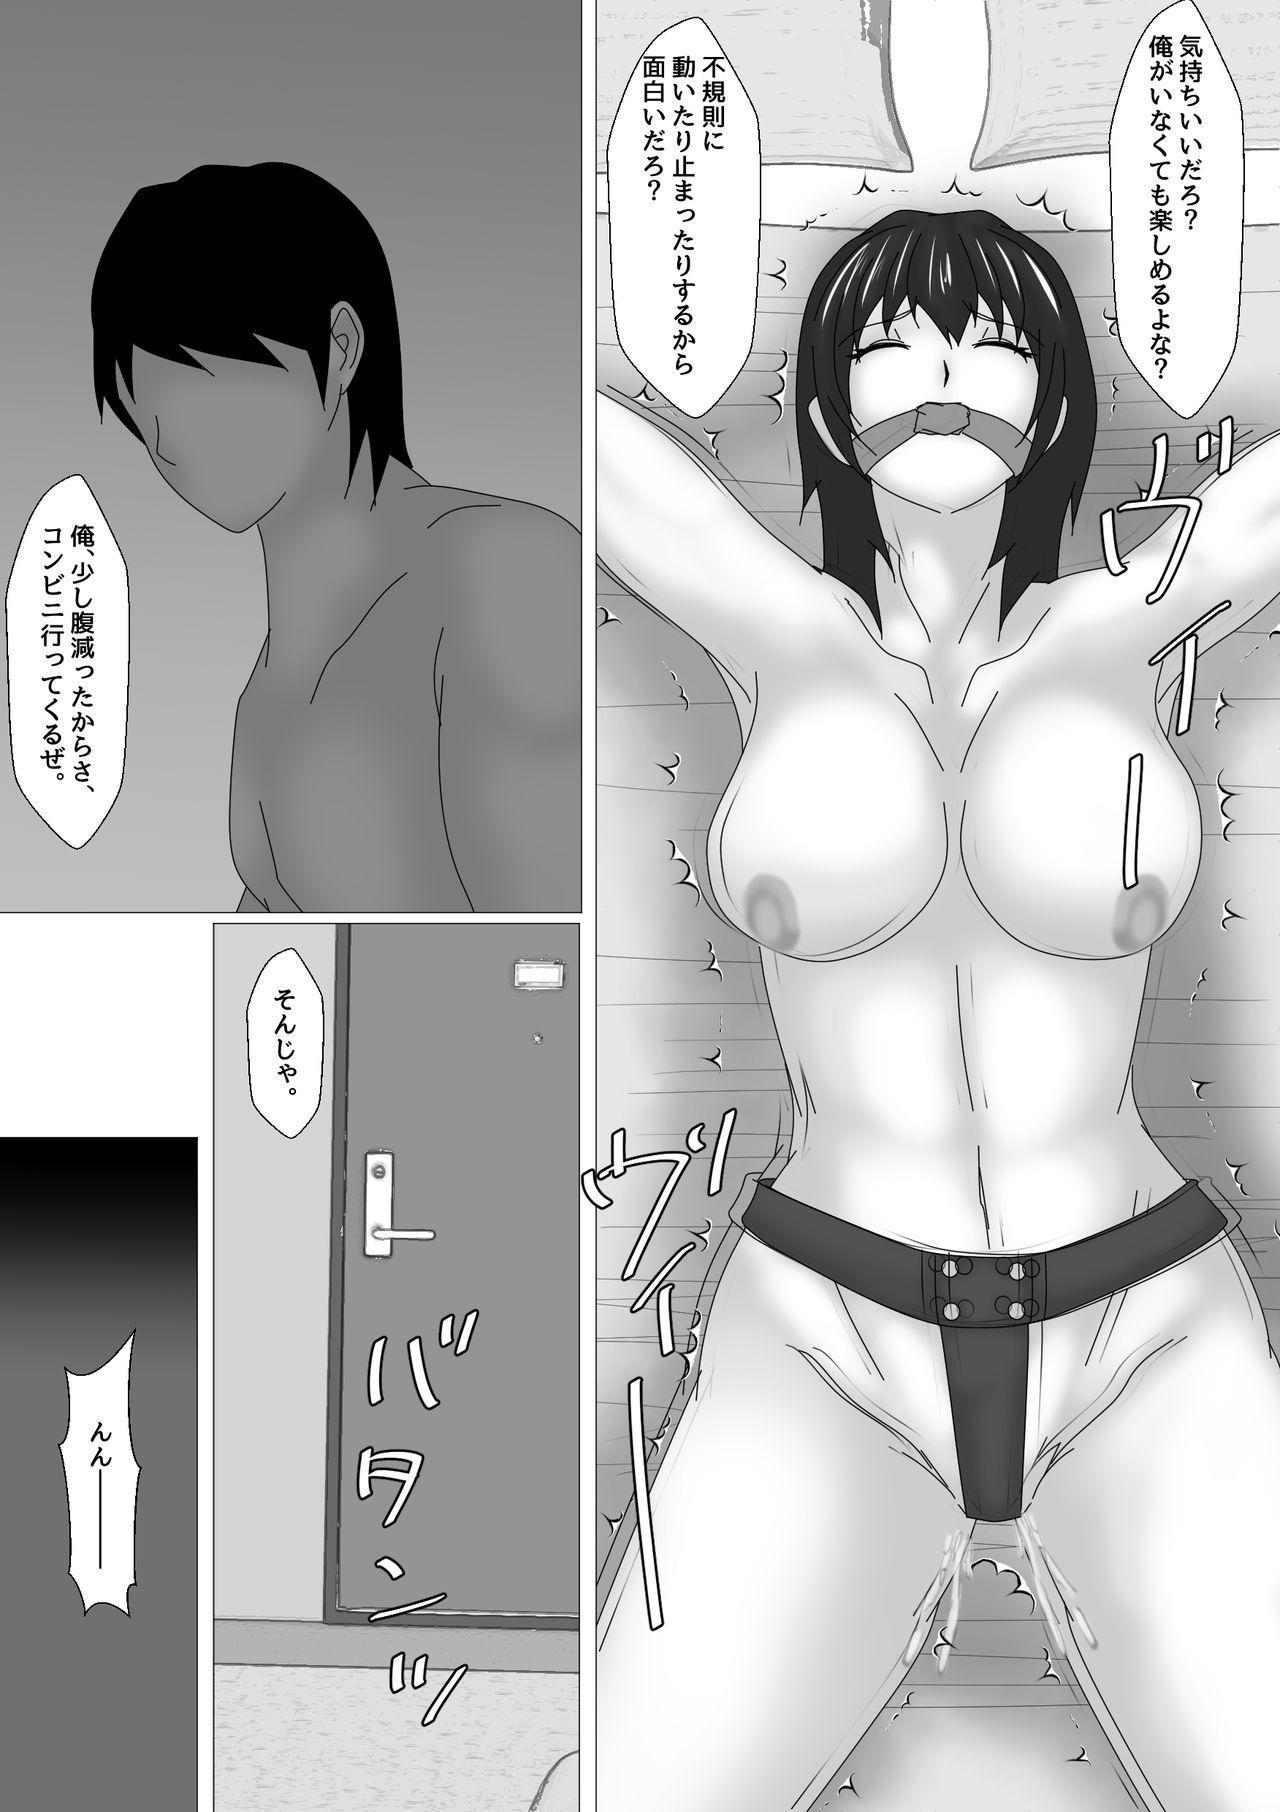 Onna Kyoushi Shinozaki Rin no Choukyou Kiroku 66